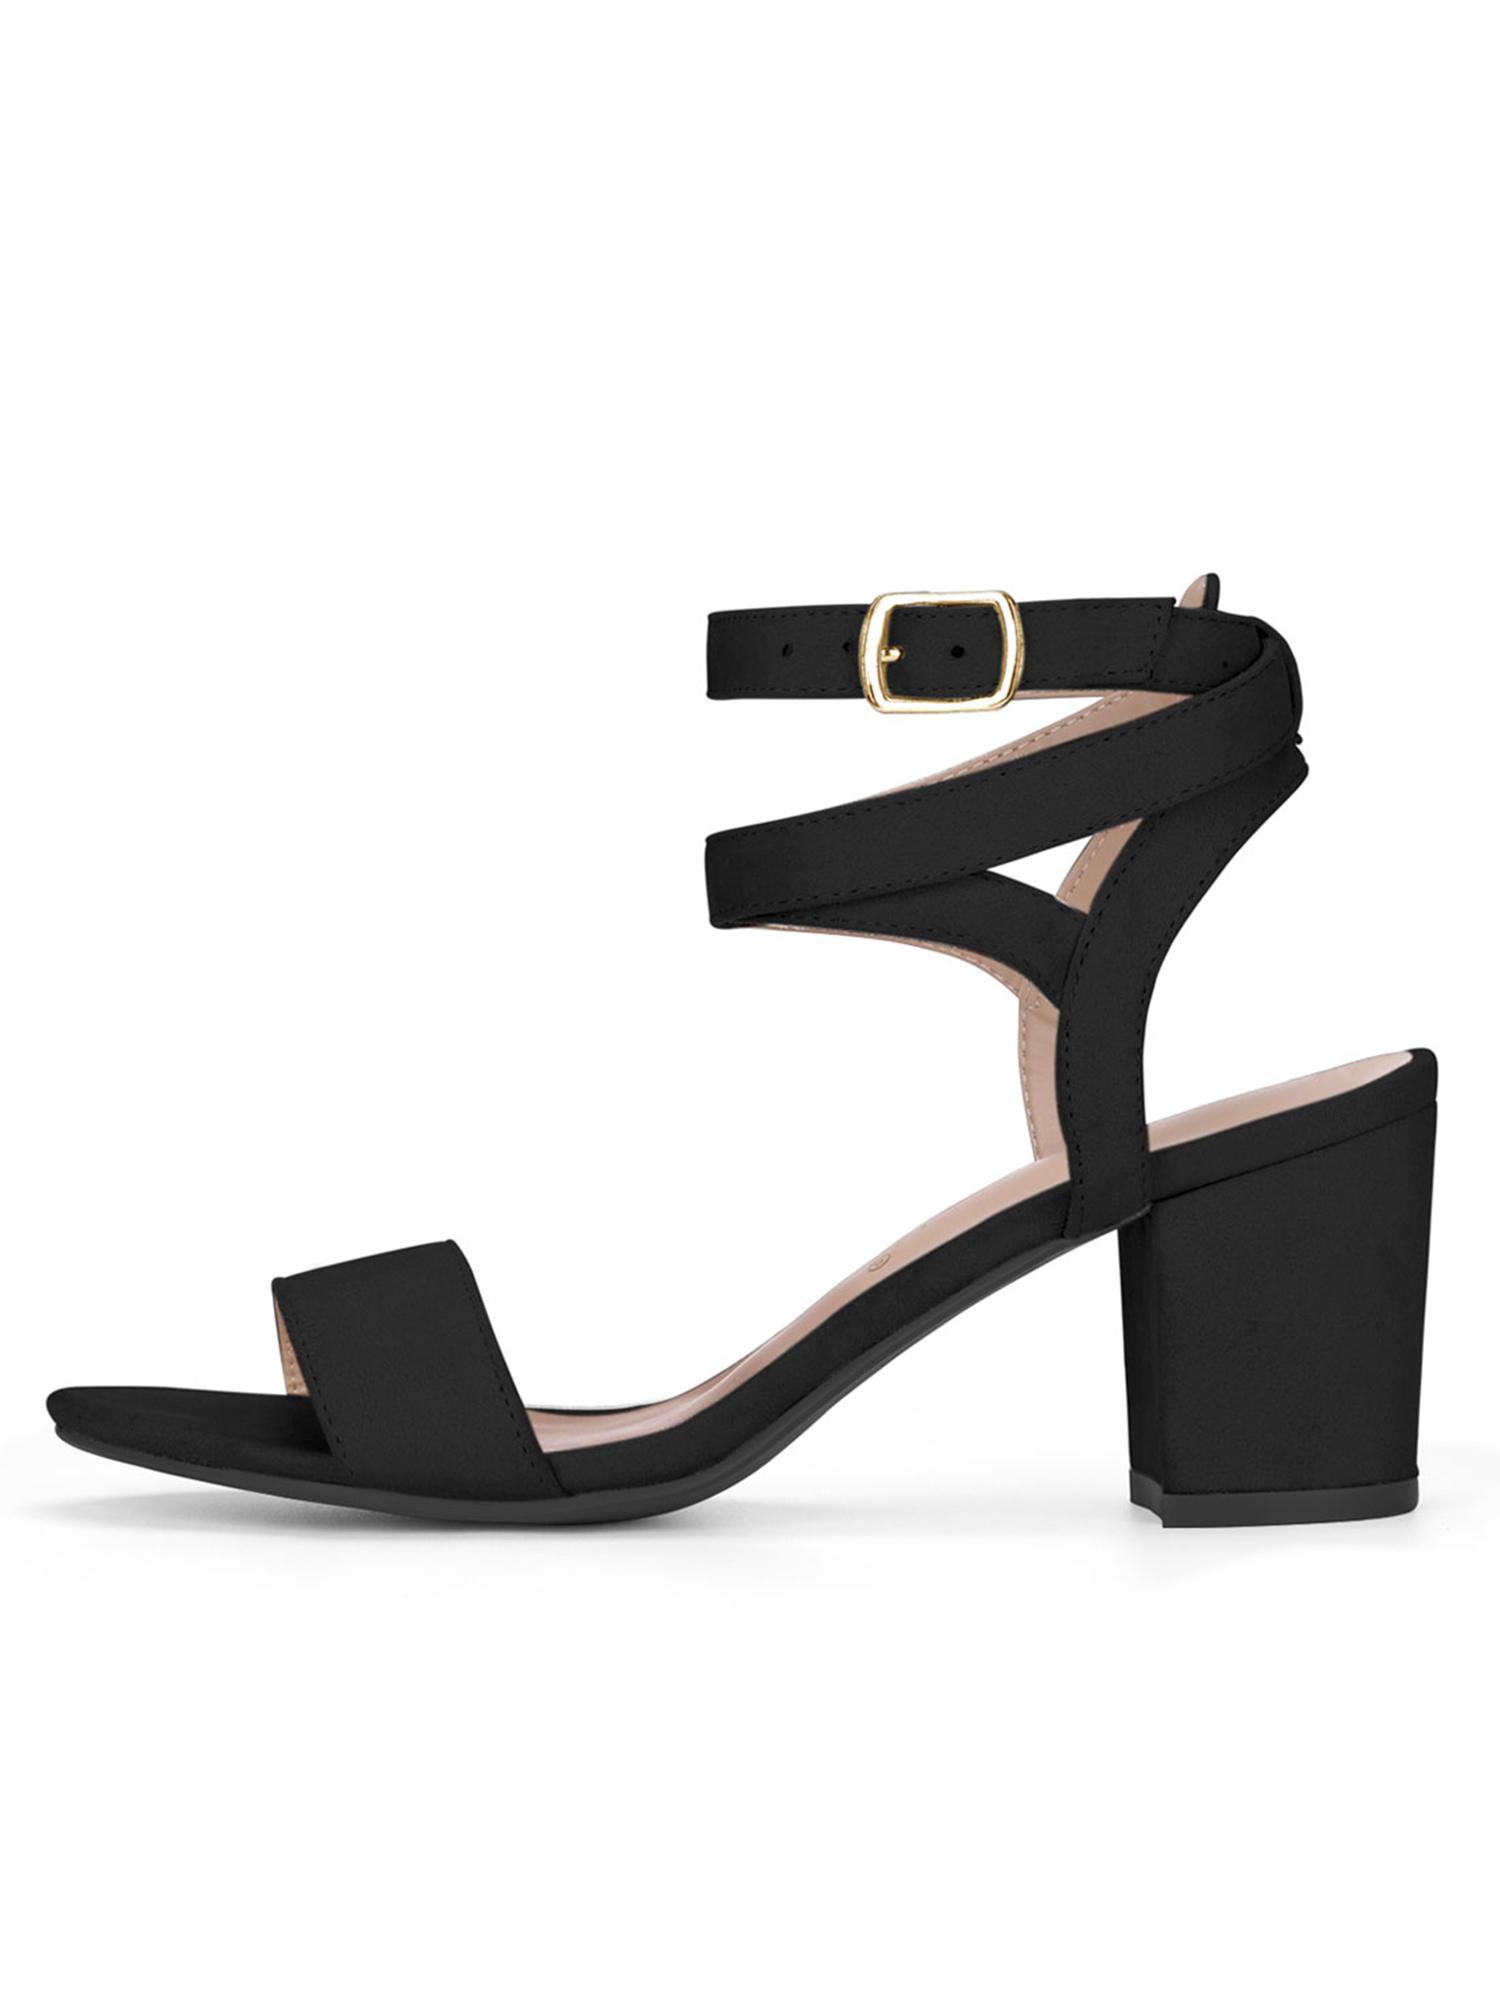 Unique Bargains Women s Crisscross Cutout Mid Block Heel Ankle Strap  Sandals Black (Size 8)